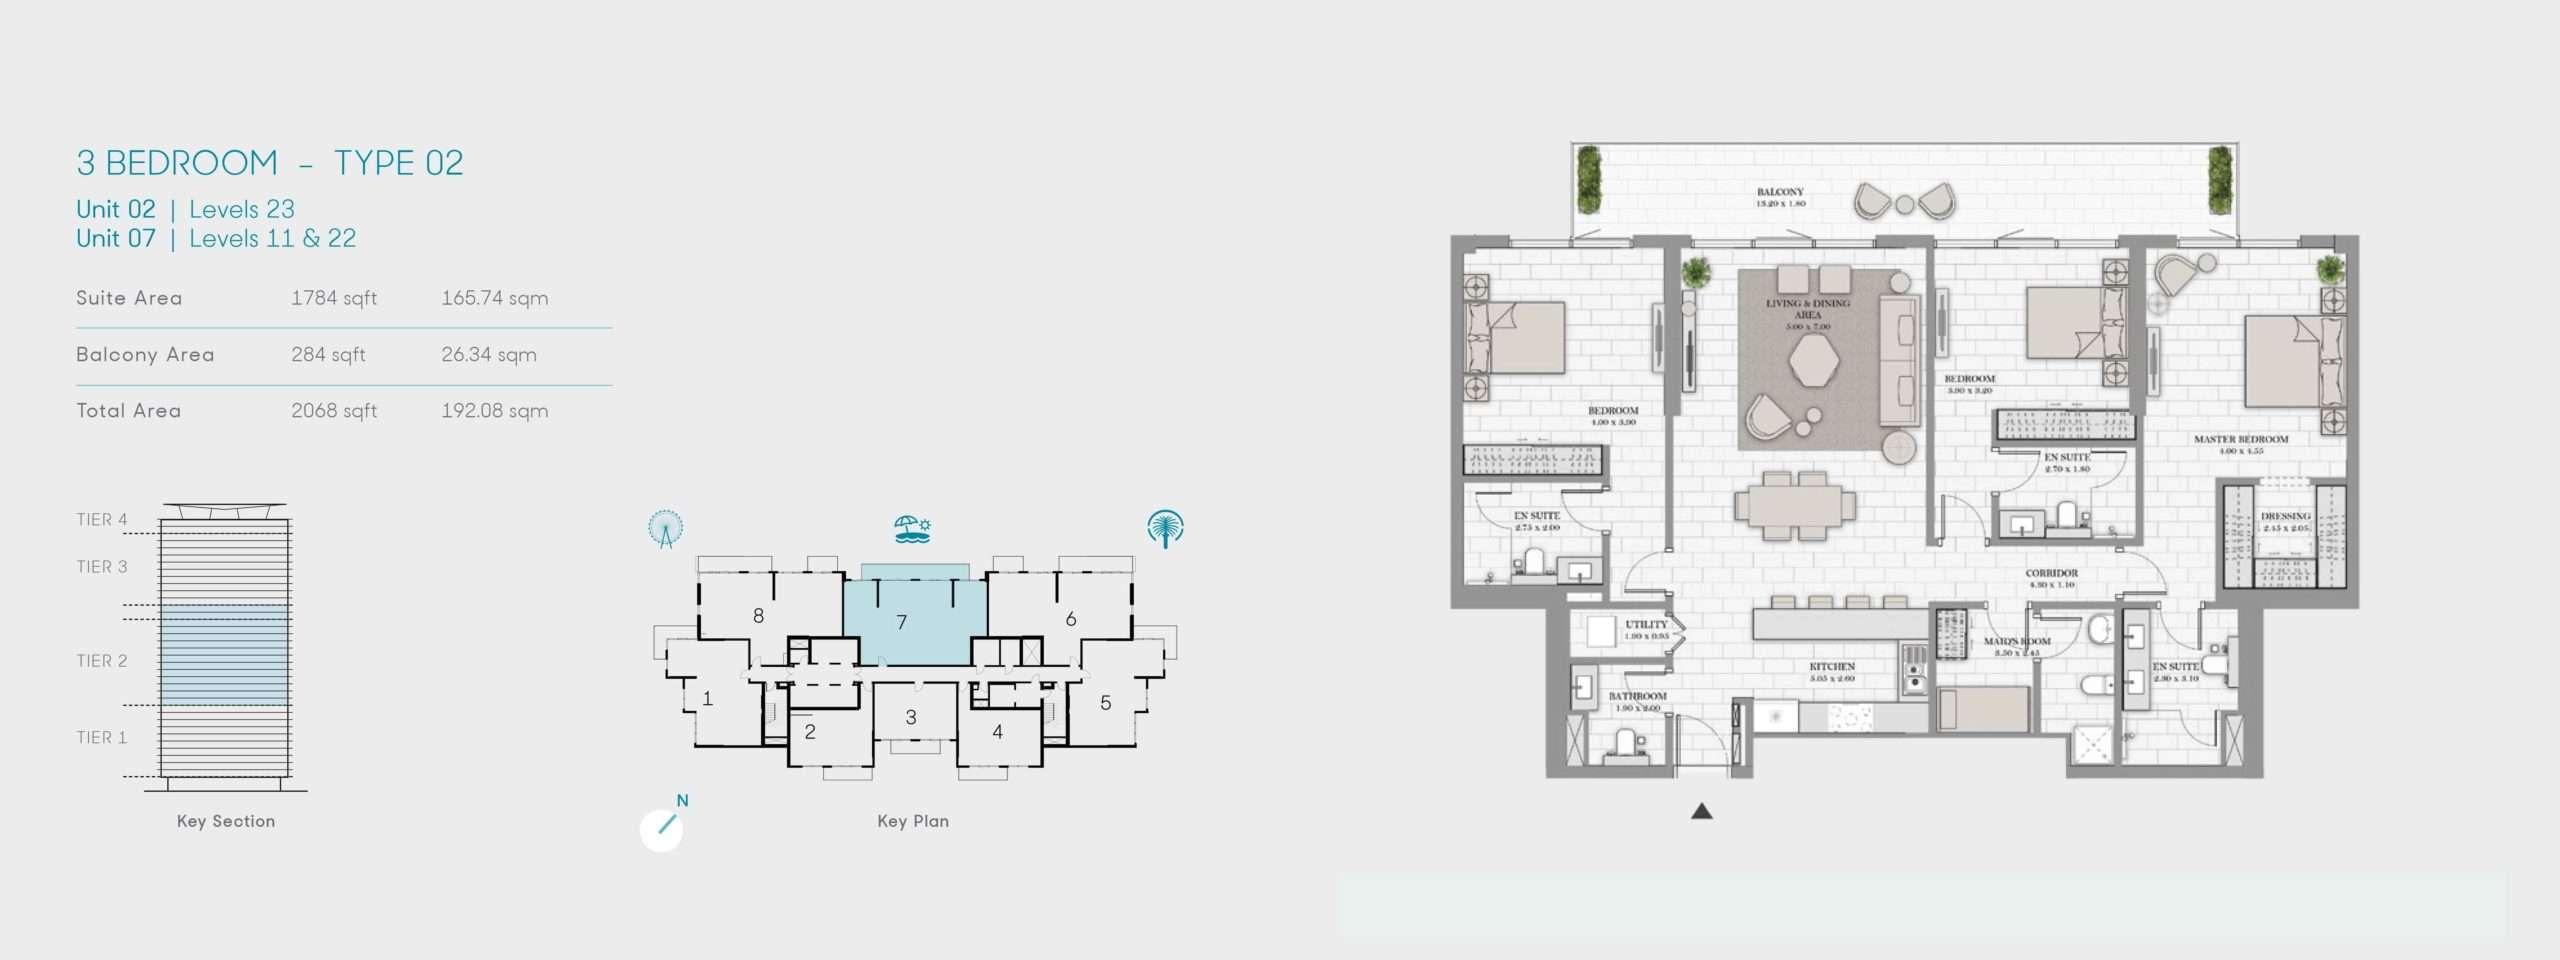 3-Bedroom Typ 02